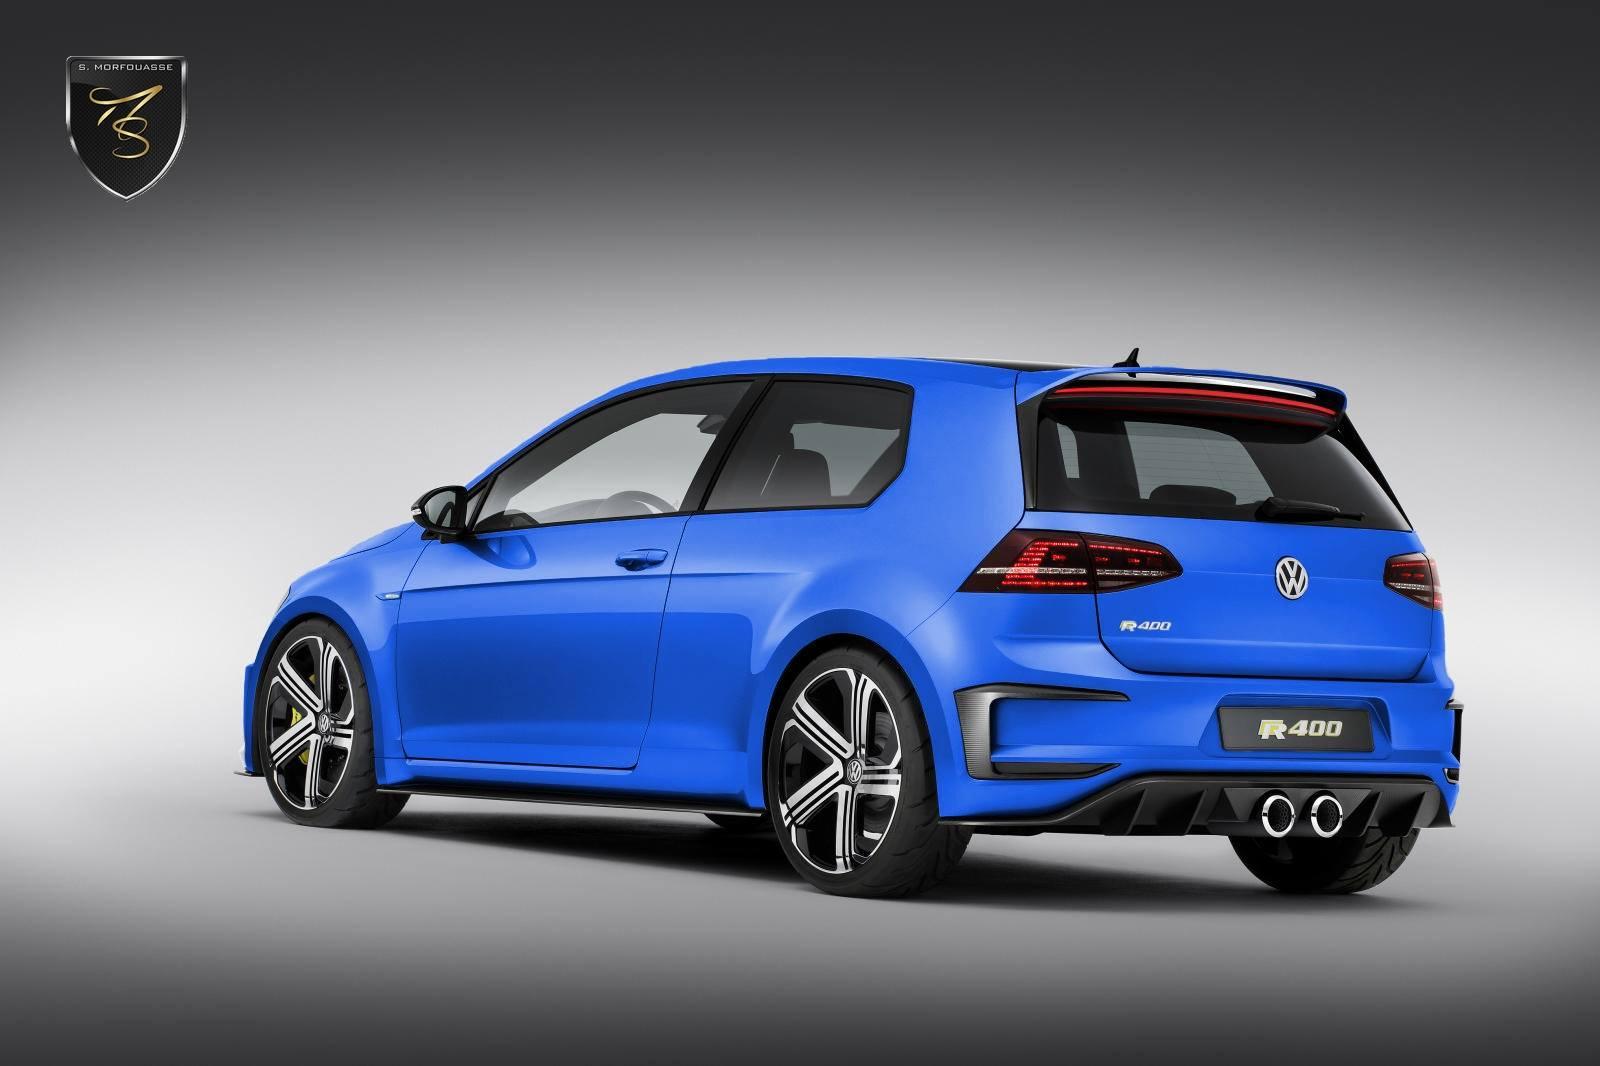 Vw Golf R400 >> Volkswagen Golf R400 : de nouvelles images et le tarif dévoilé